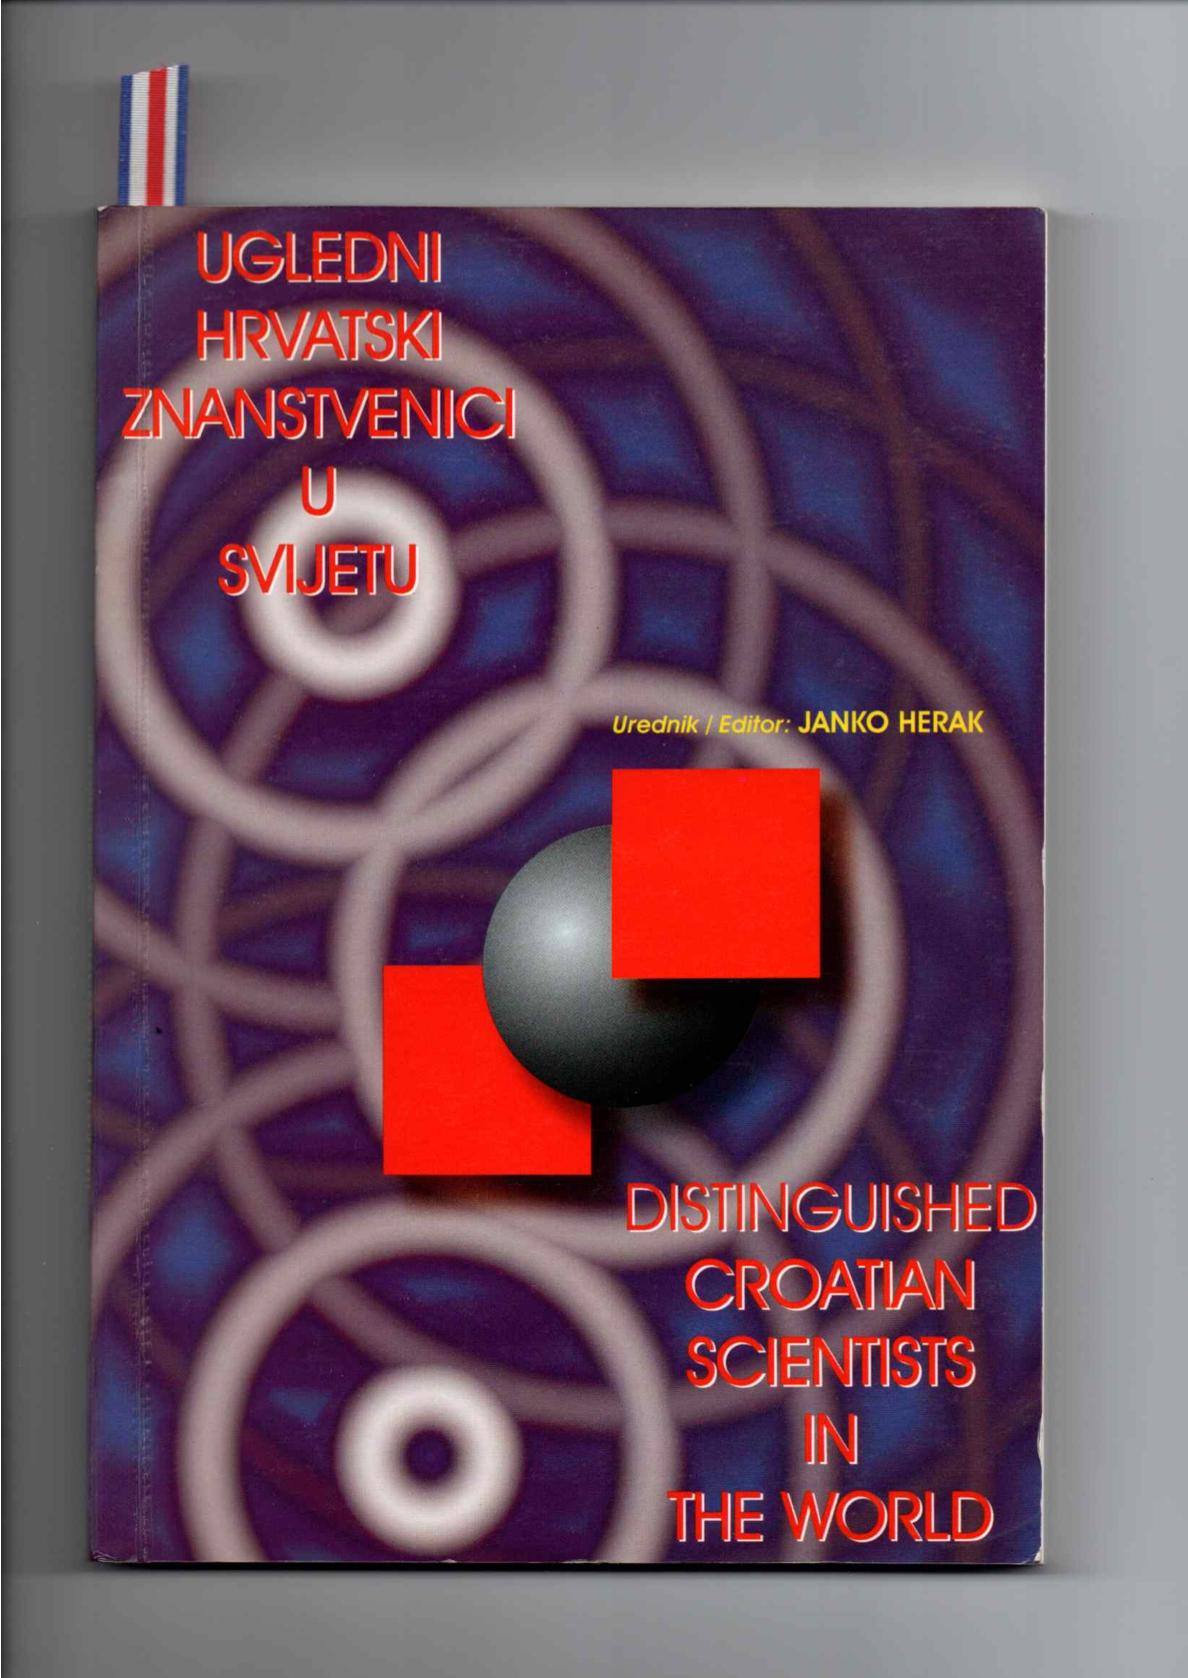 Tapa del libro Distinguidos científicos croatas el mundo